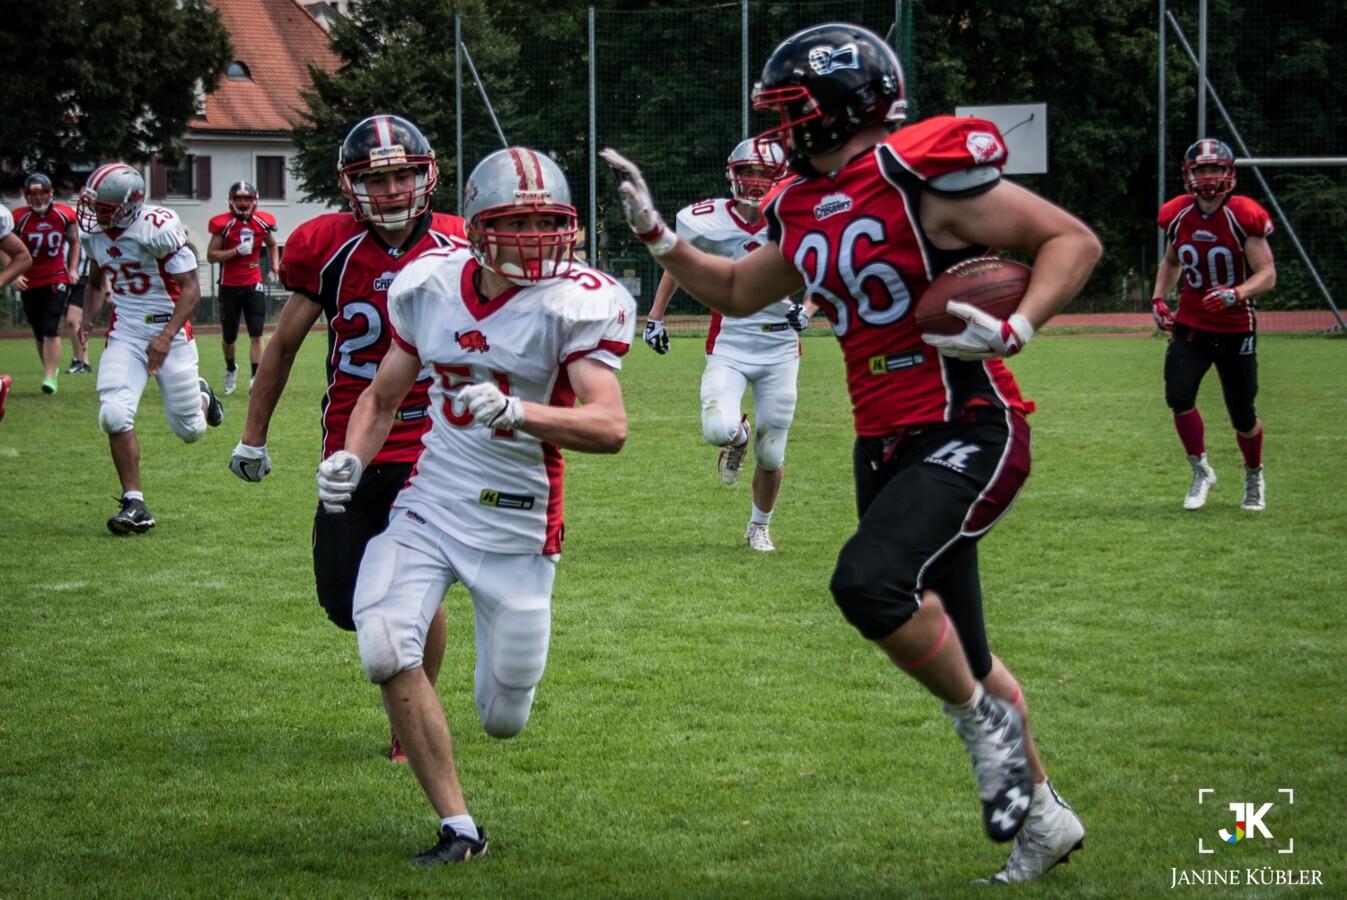 160730_Juniors vs. Fürsty_20_klein